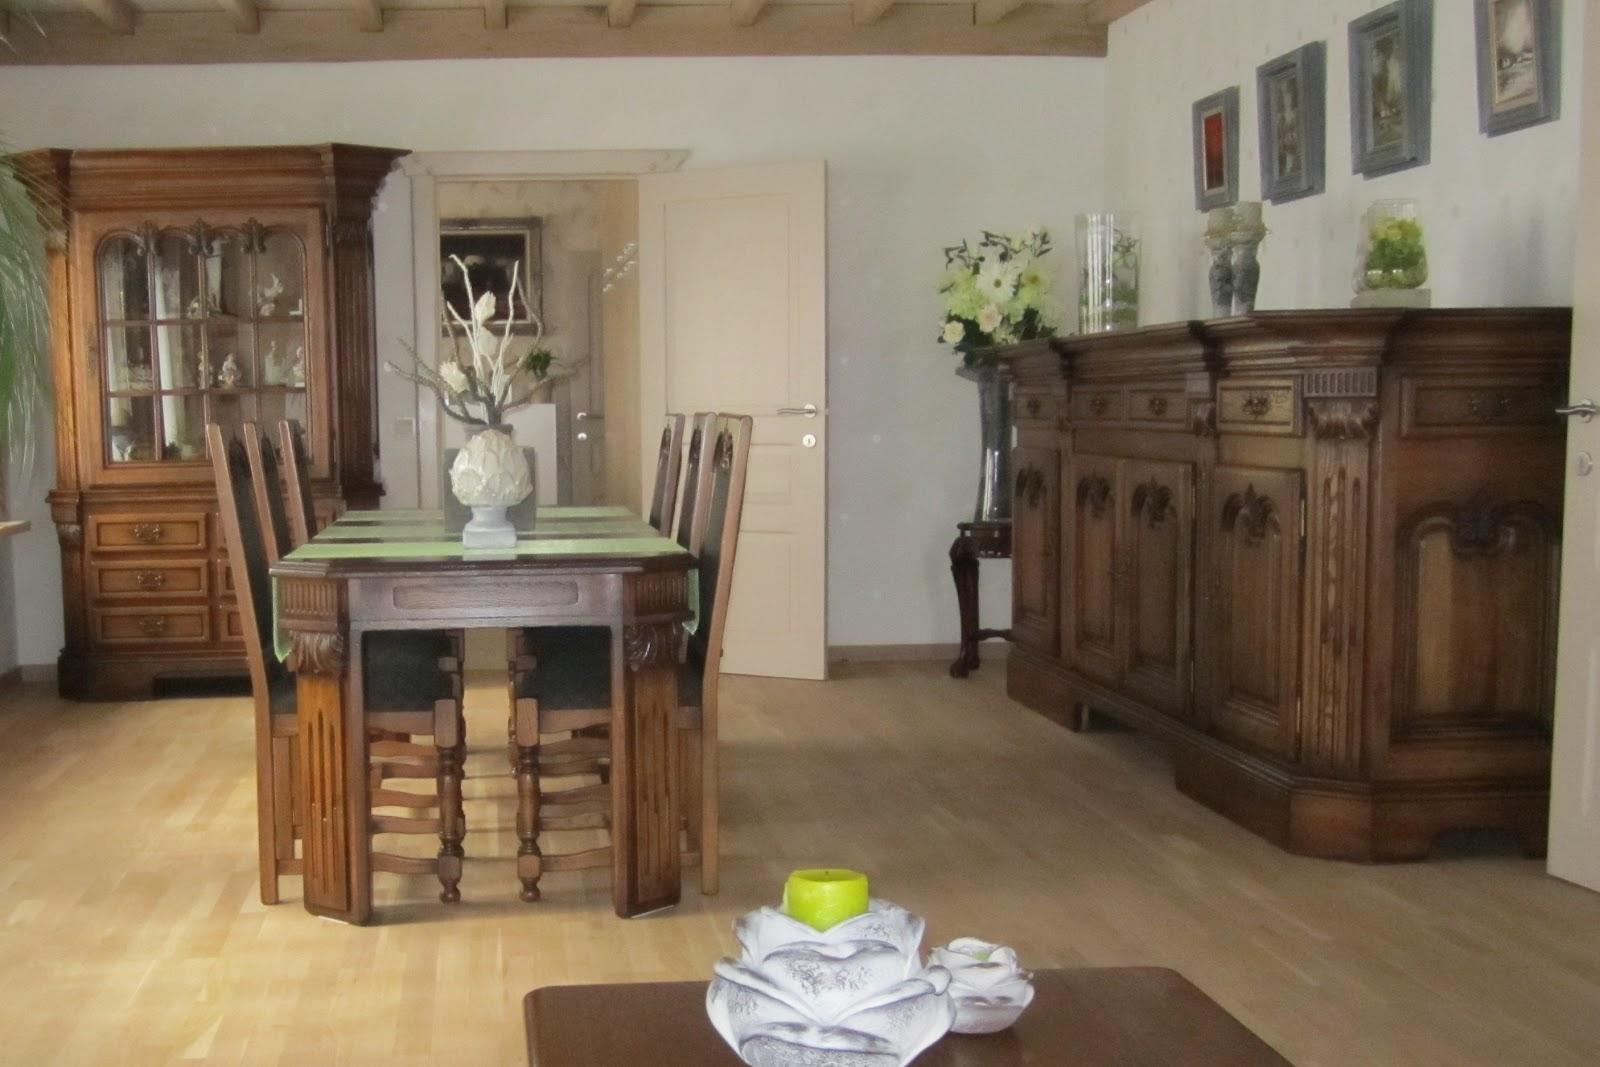 meubelrenovatie vernieuwen van eiken dressoir vitrine tafel en stoelen. Black Bedroom Furniture Sets. Home Design Ideas